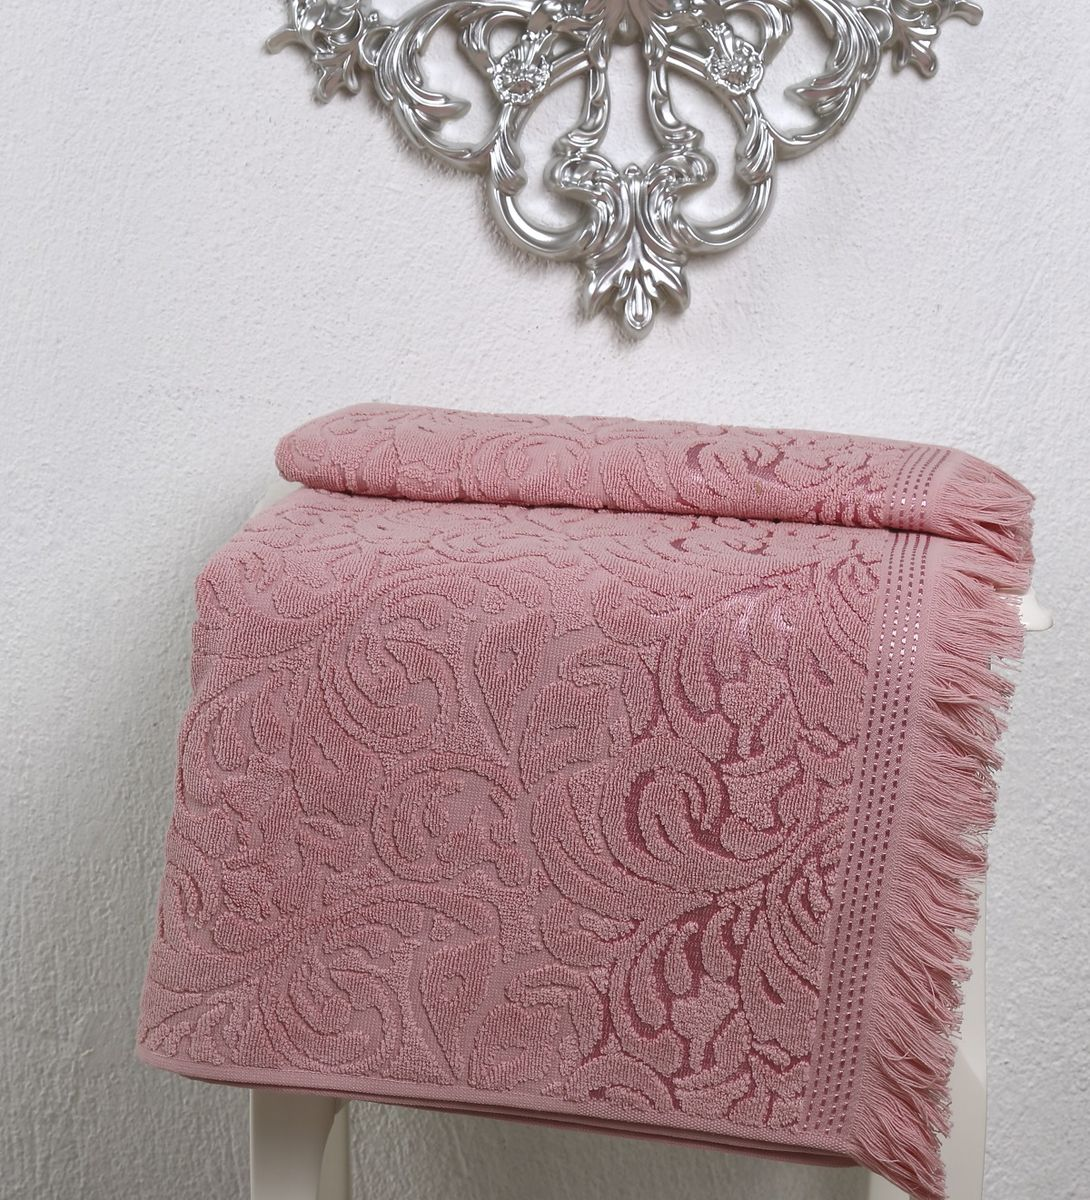 Полотенце Karna Esra, цвет: розовый, 50 х 90 см391602Махровое полотенце Karna Esra выполнено из 100% хлопка. Оно прекрасно впитывает влагу и быстро сохнет. Повсему полотенцу имеется привлекательный узор. По канту полотенца имеется нежная бахрома. Махровое полотенце из натурального хлопка, обладает гигиеническими качествами, очень мягкое, с объемнымравномерным ворсом, приятное на ощупь и к телу. Размер: 50 х 90 см.